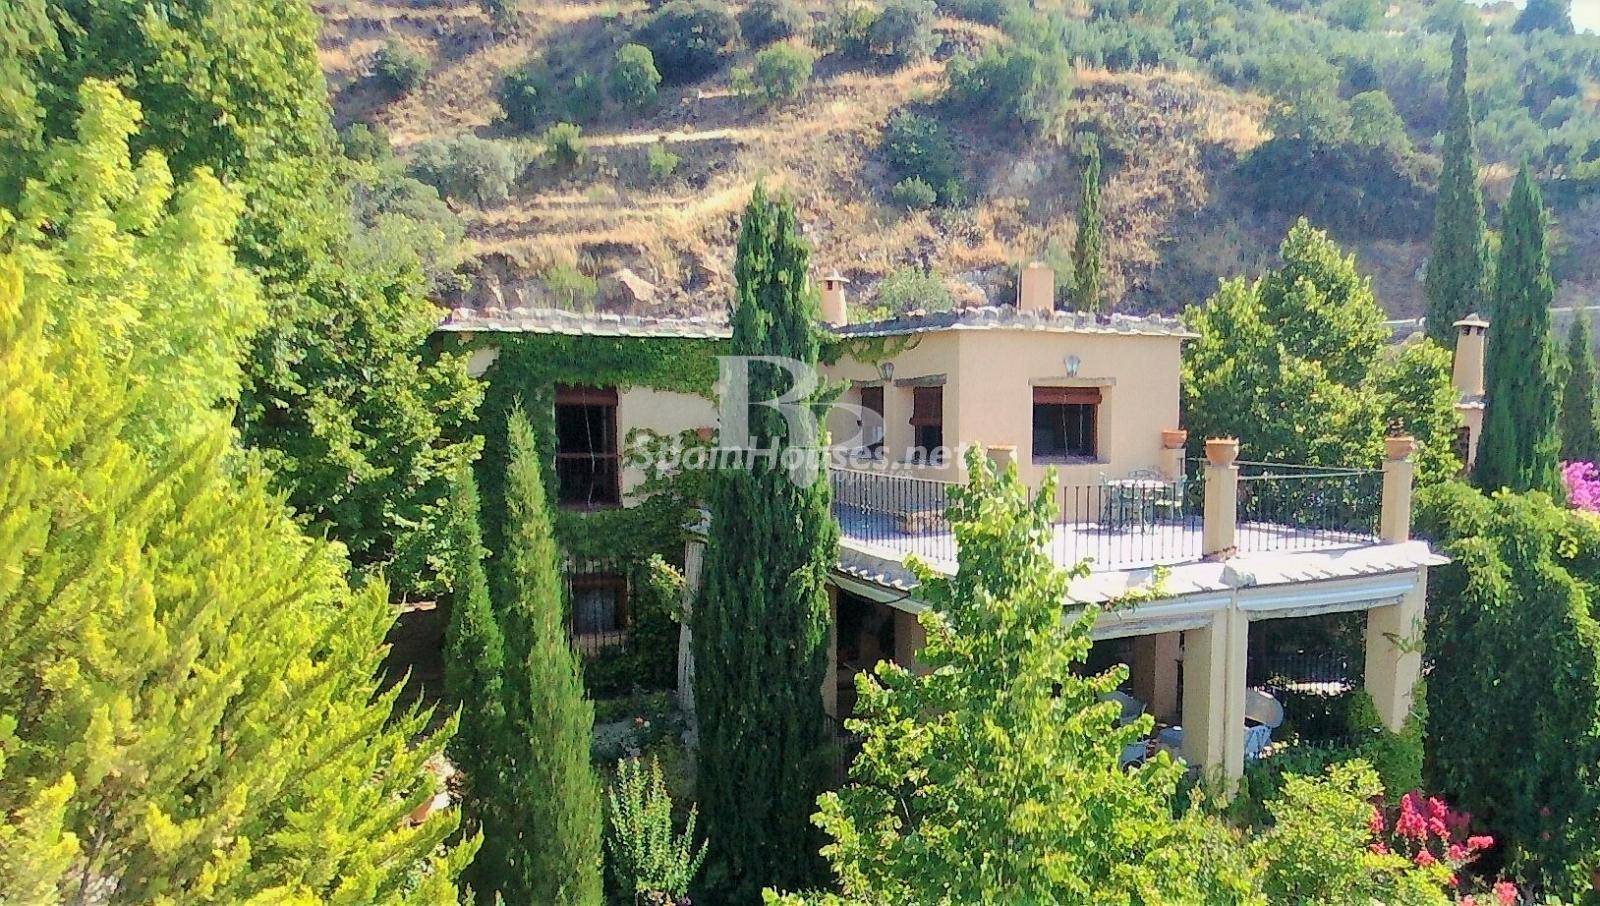 79874050 3157227 foto124480367 - Un paraje natural idilico en este encantador cortijo andaluz en Órgiva, La Alpujarra granadina